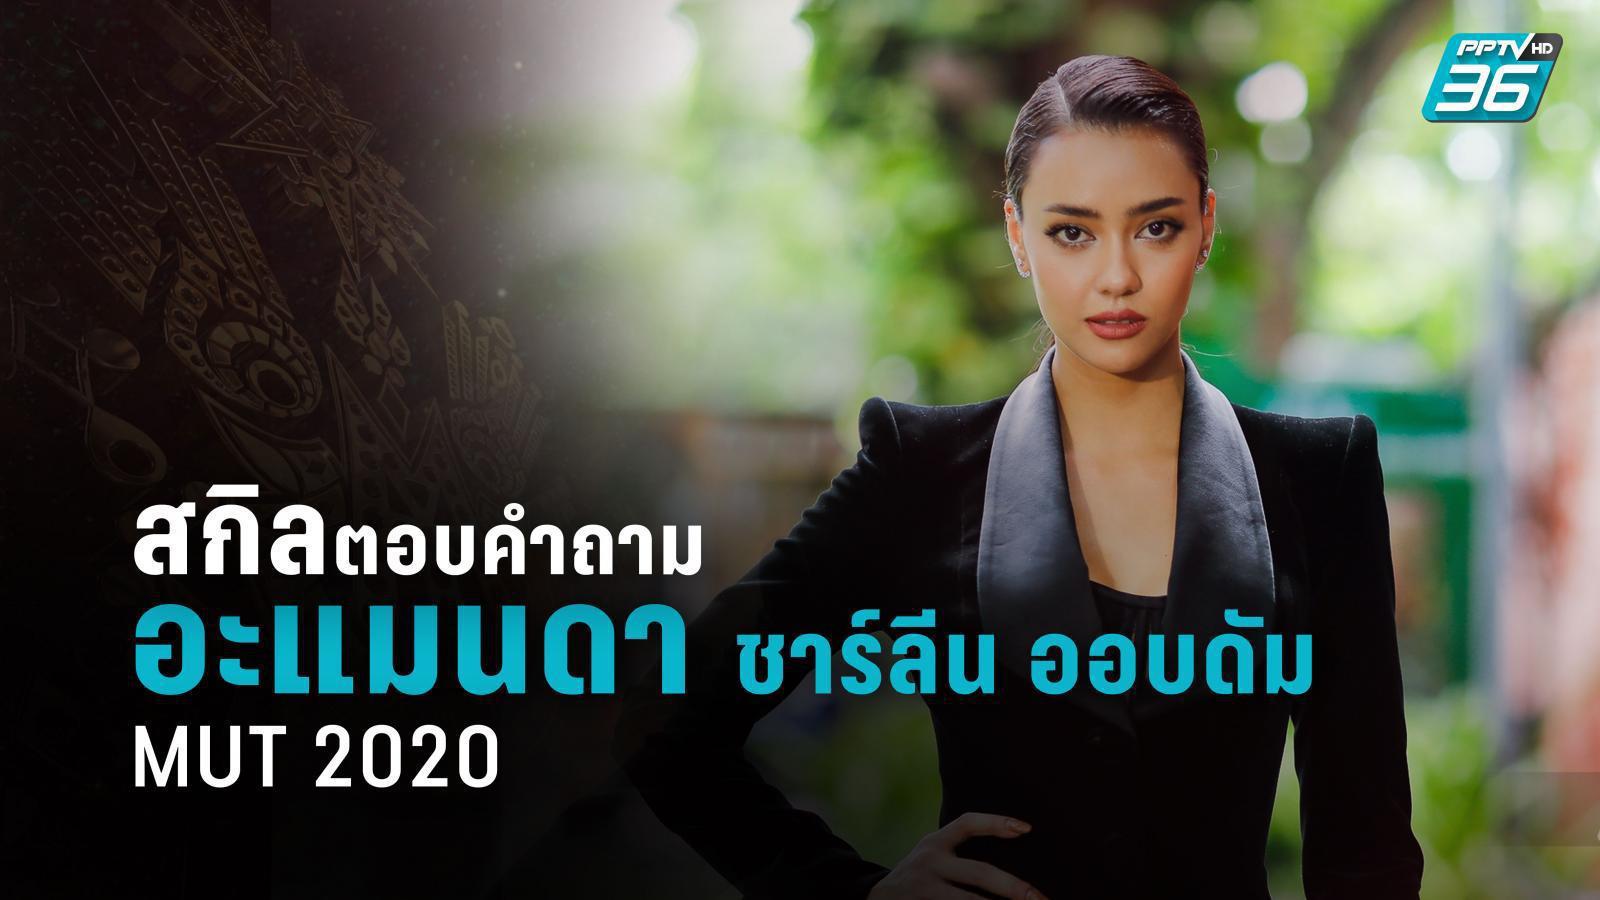 อะแมนดา ชาร์ลีน ออบดัม ตอบคำถามในรอบ Audition | Golden Tiara - MUT 2020